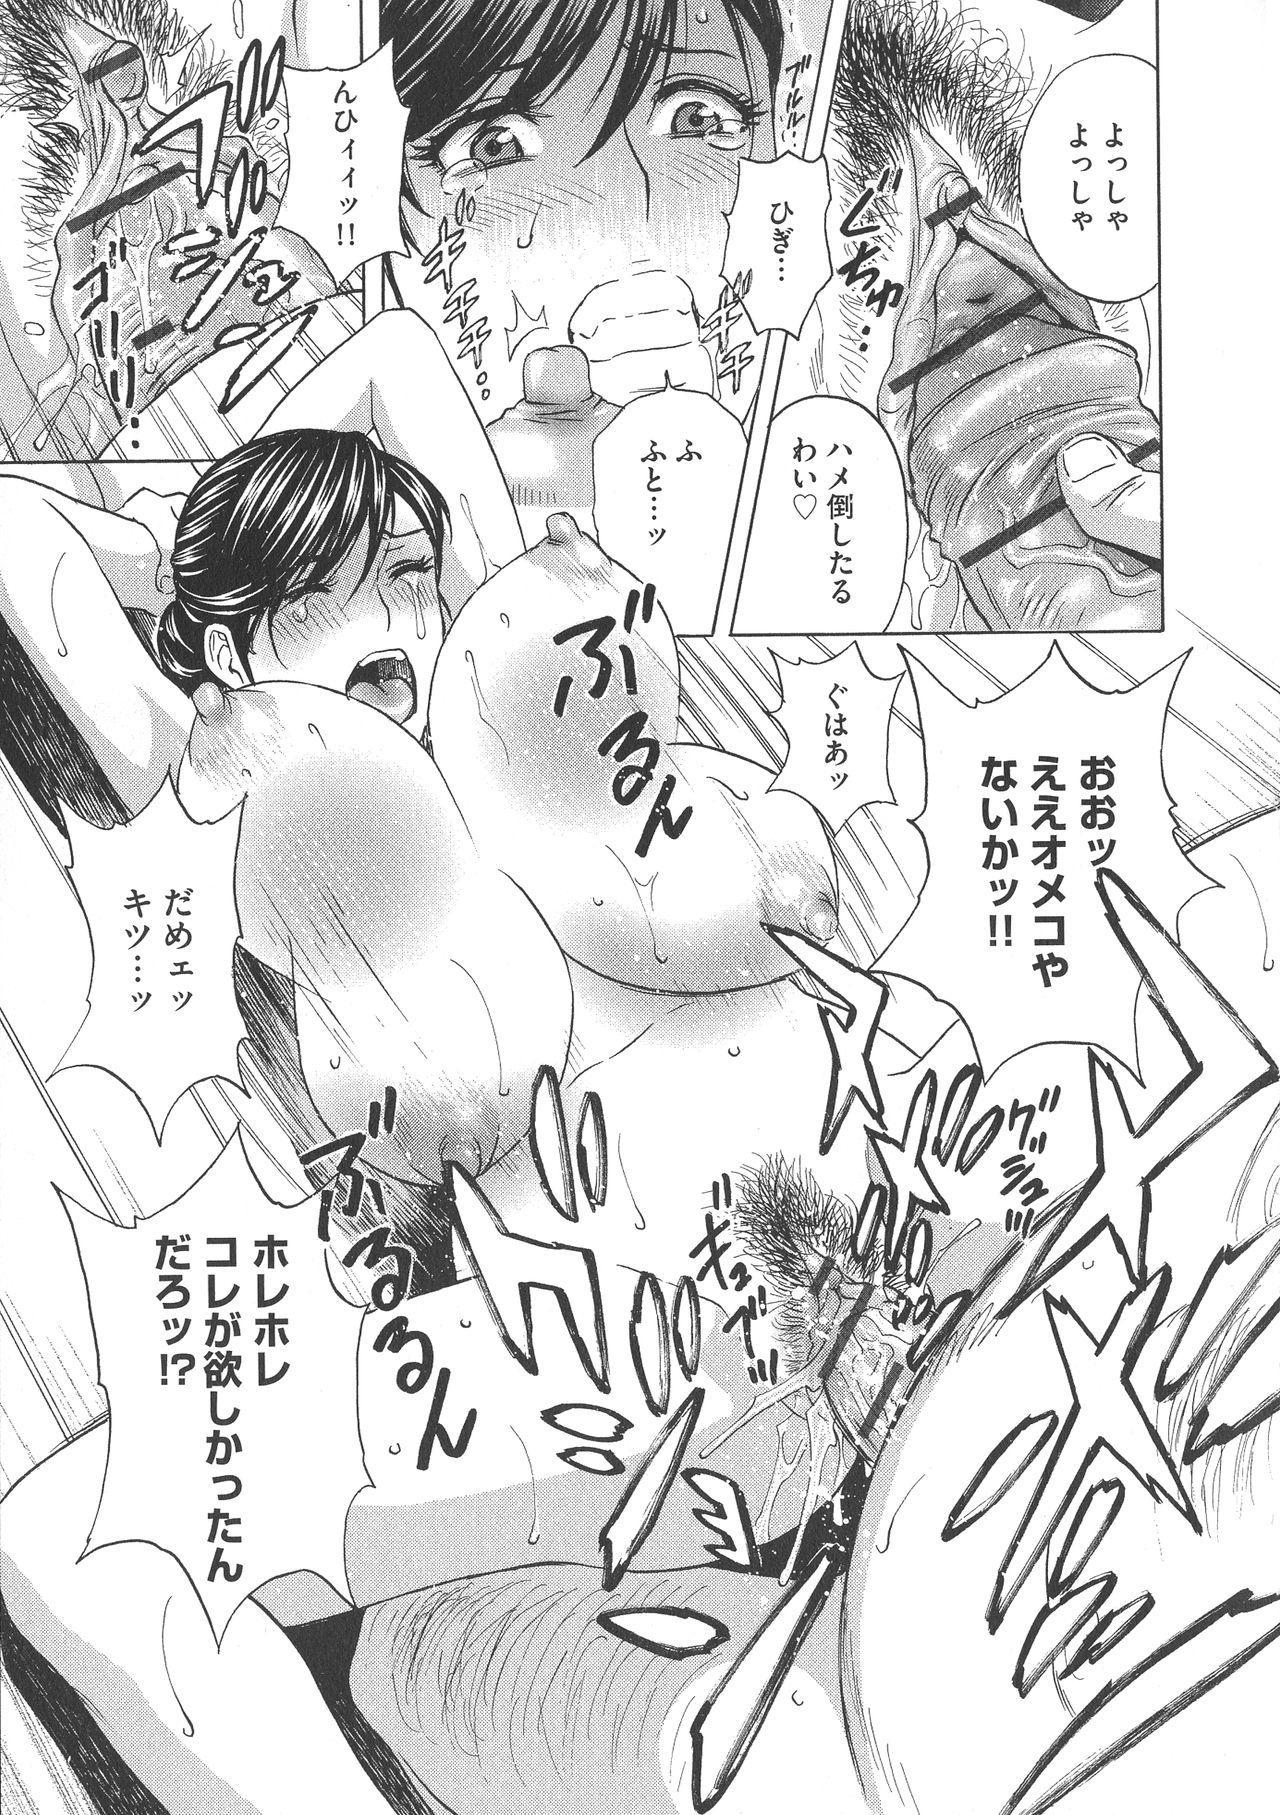 Chijoku ni Modaeru Haha no Chichi… 14